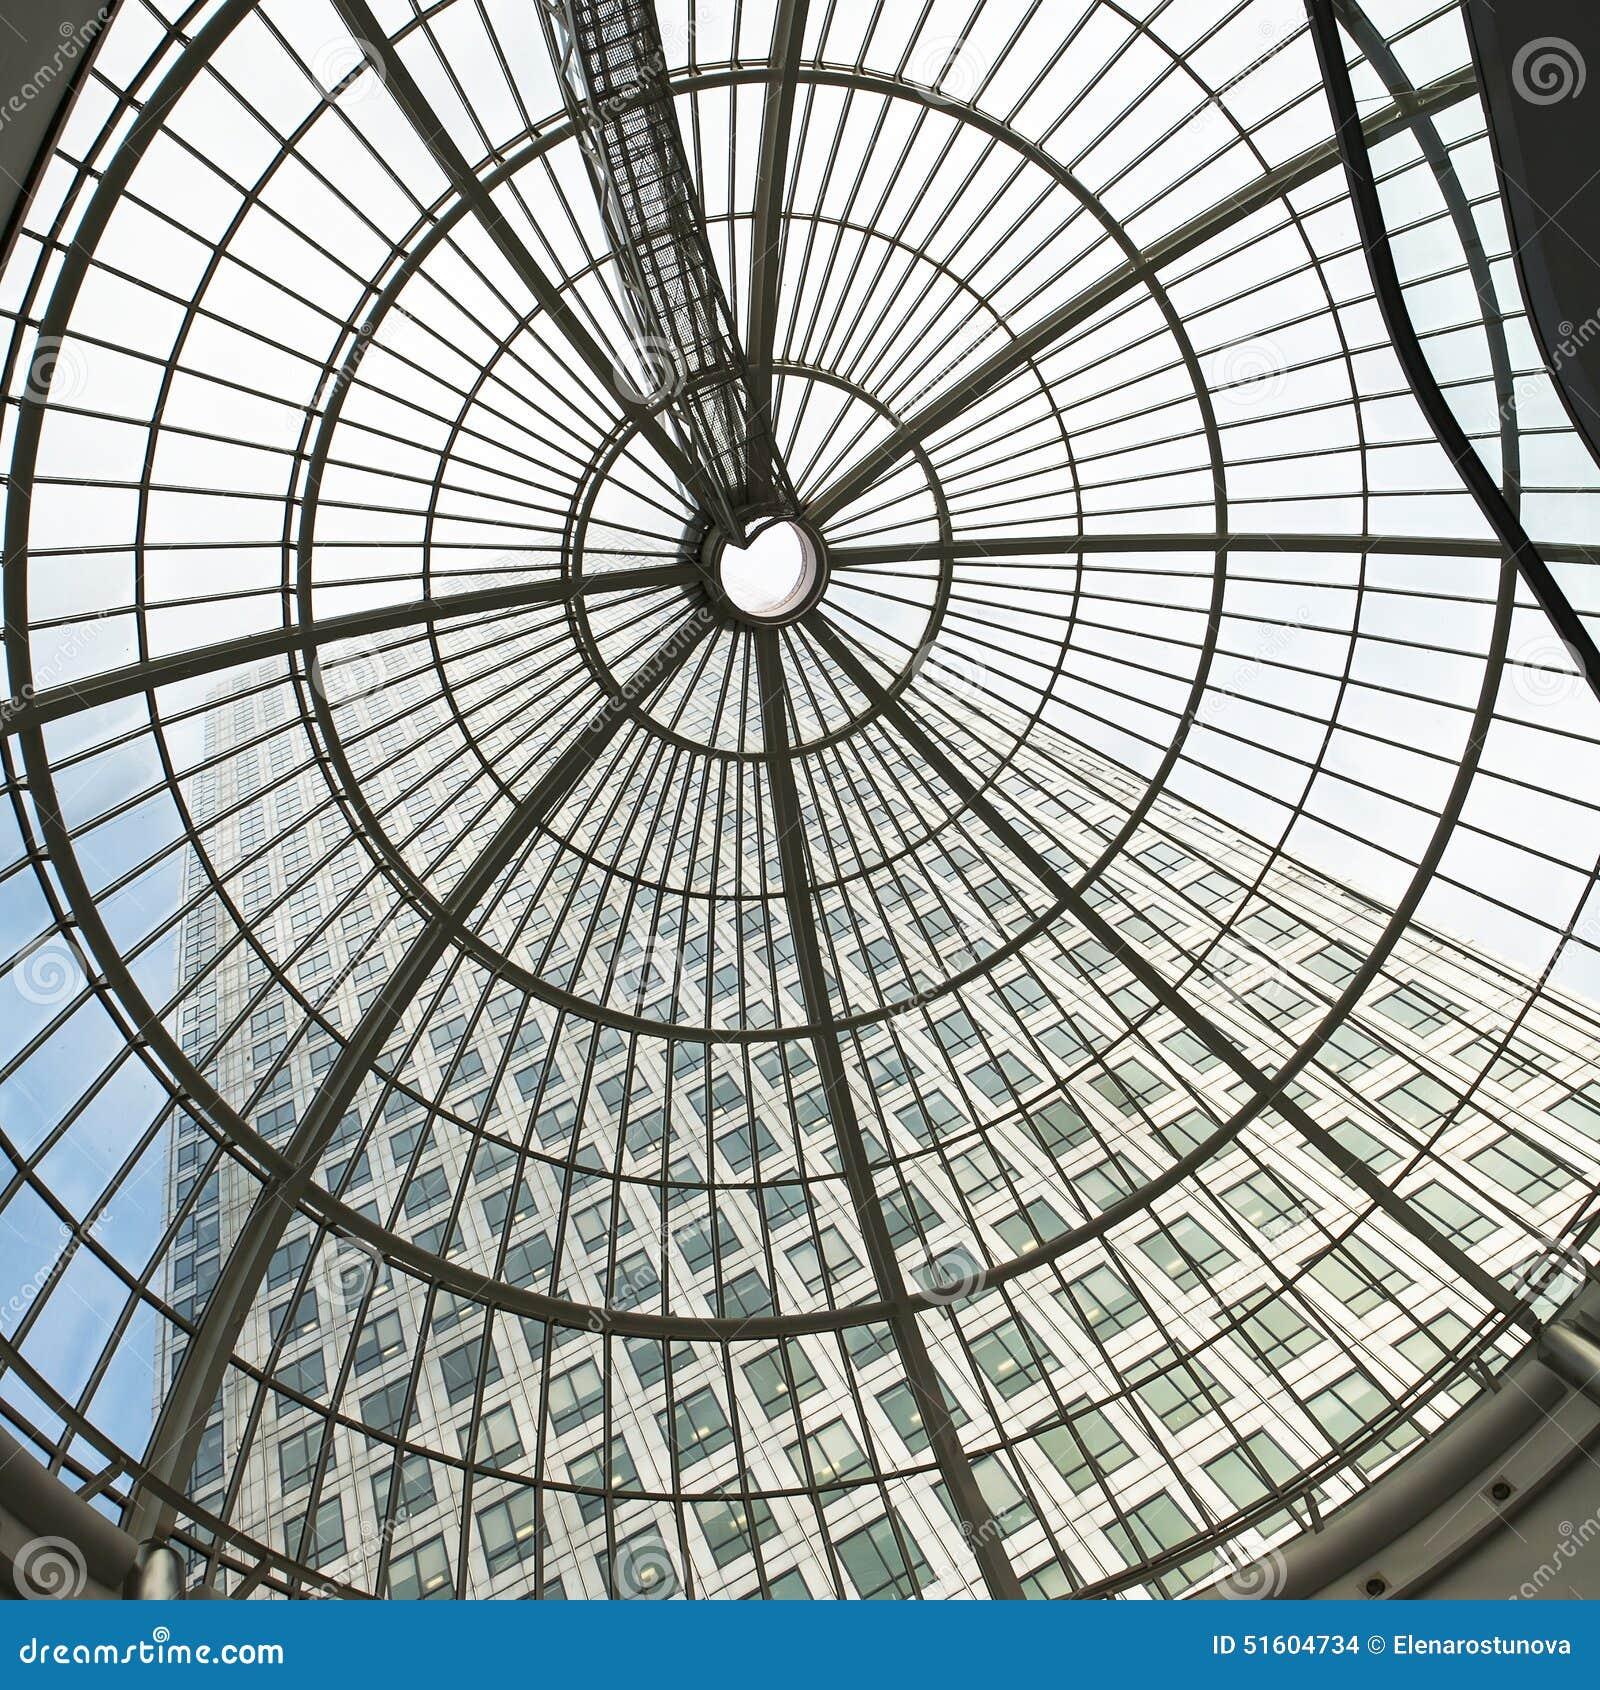 Architettura di vetro moderna di canary wharf immagine for Architettura moderna londra